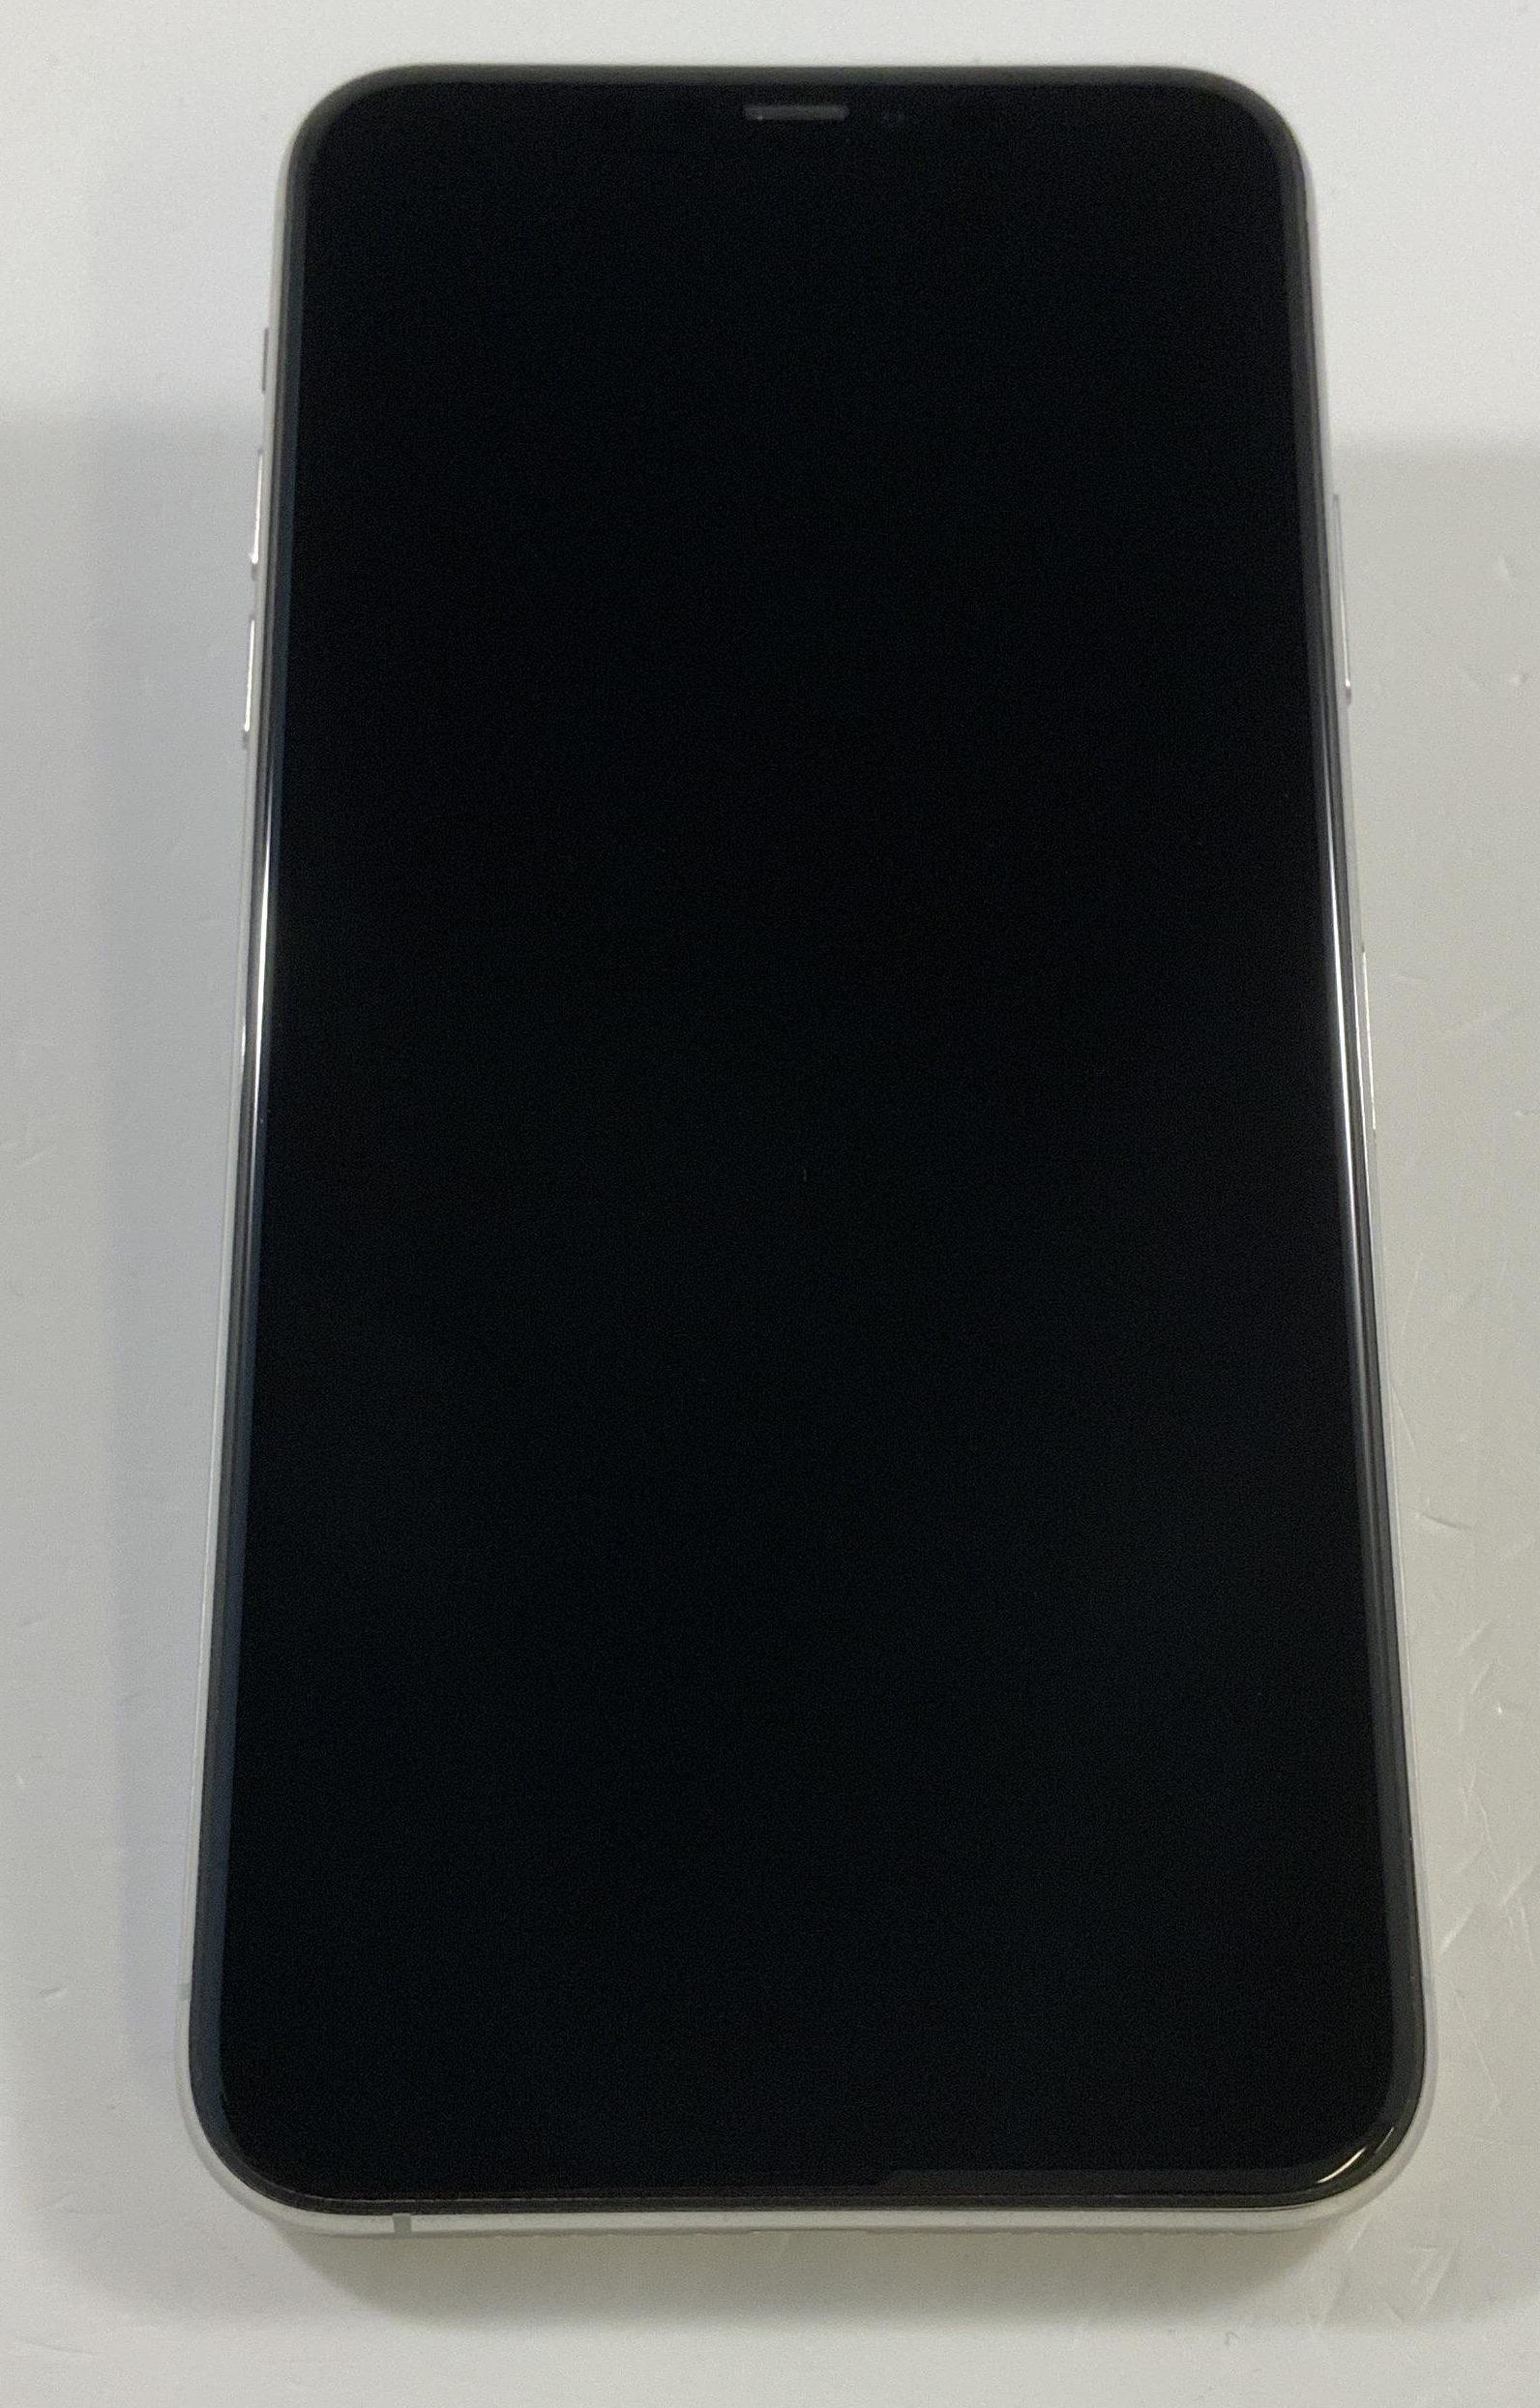 iPhone 11 Pro Max 256GB, 256GB, Silver, immagine 1